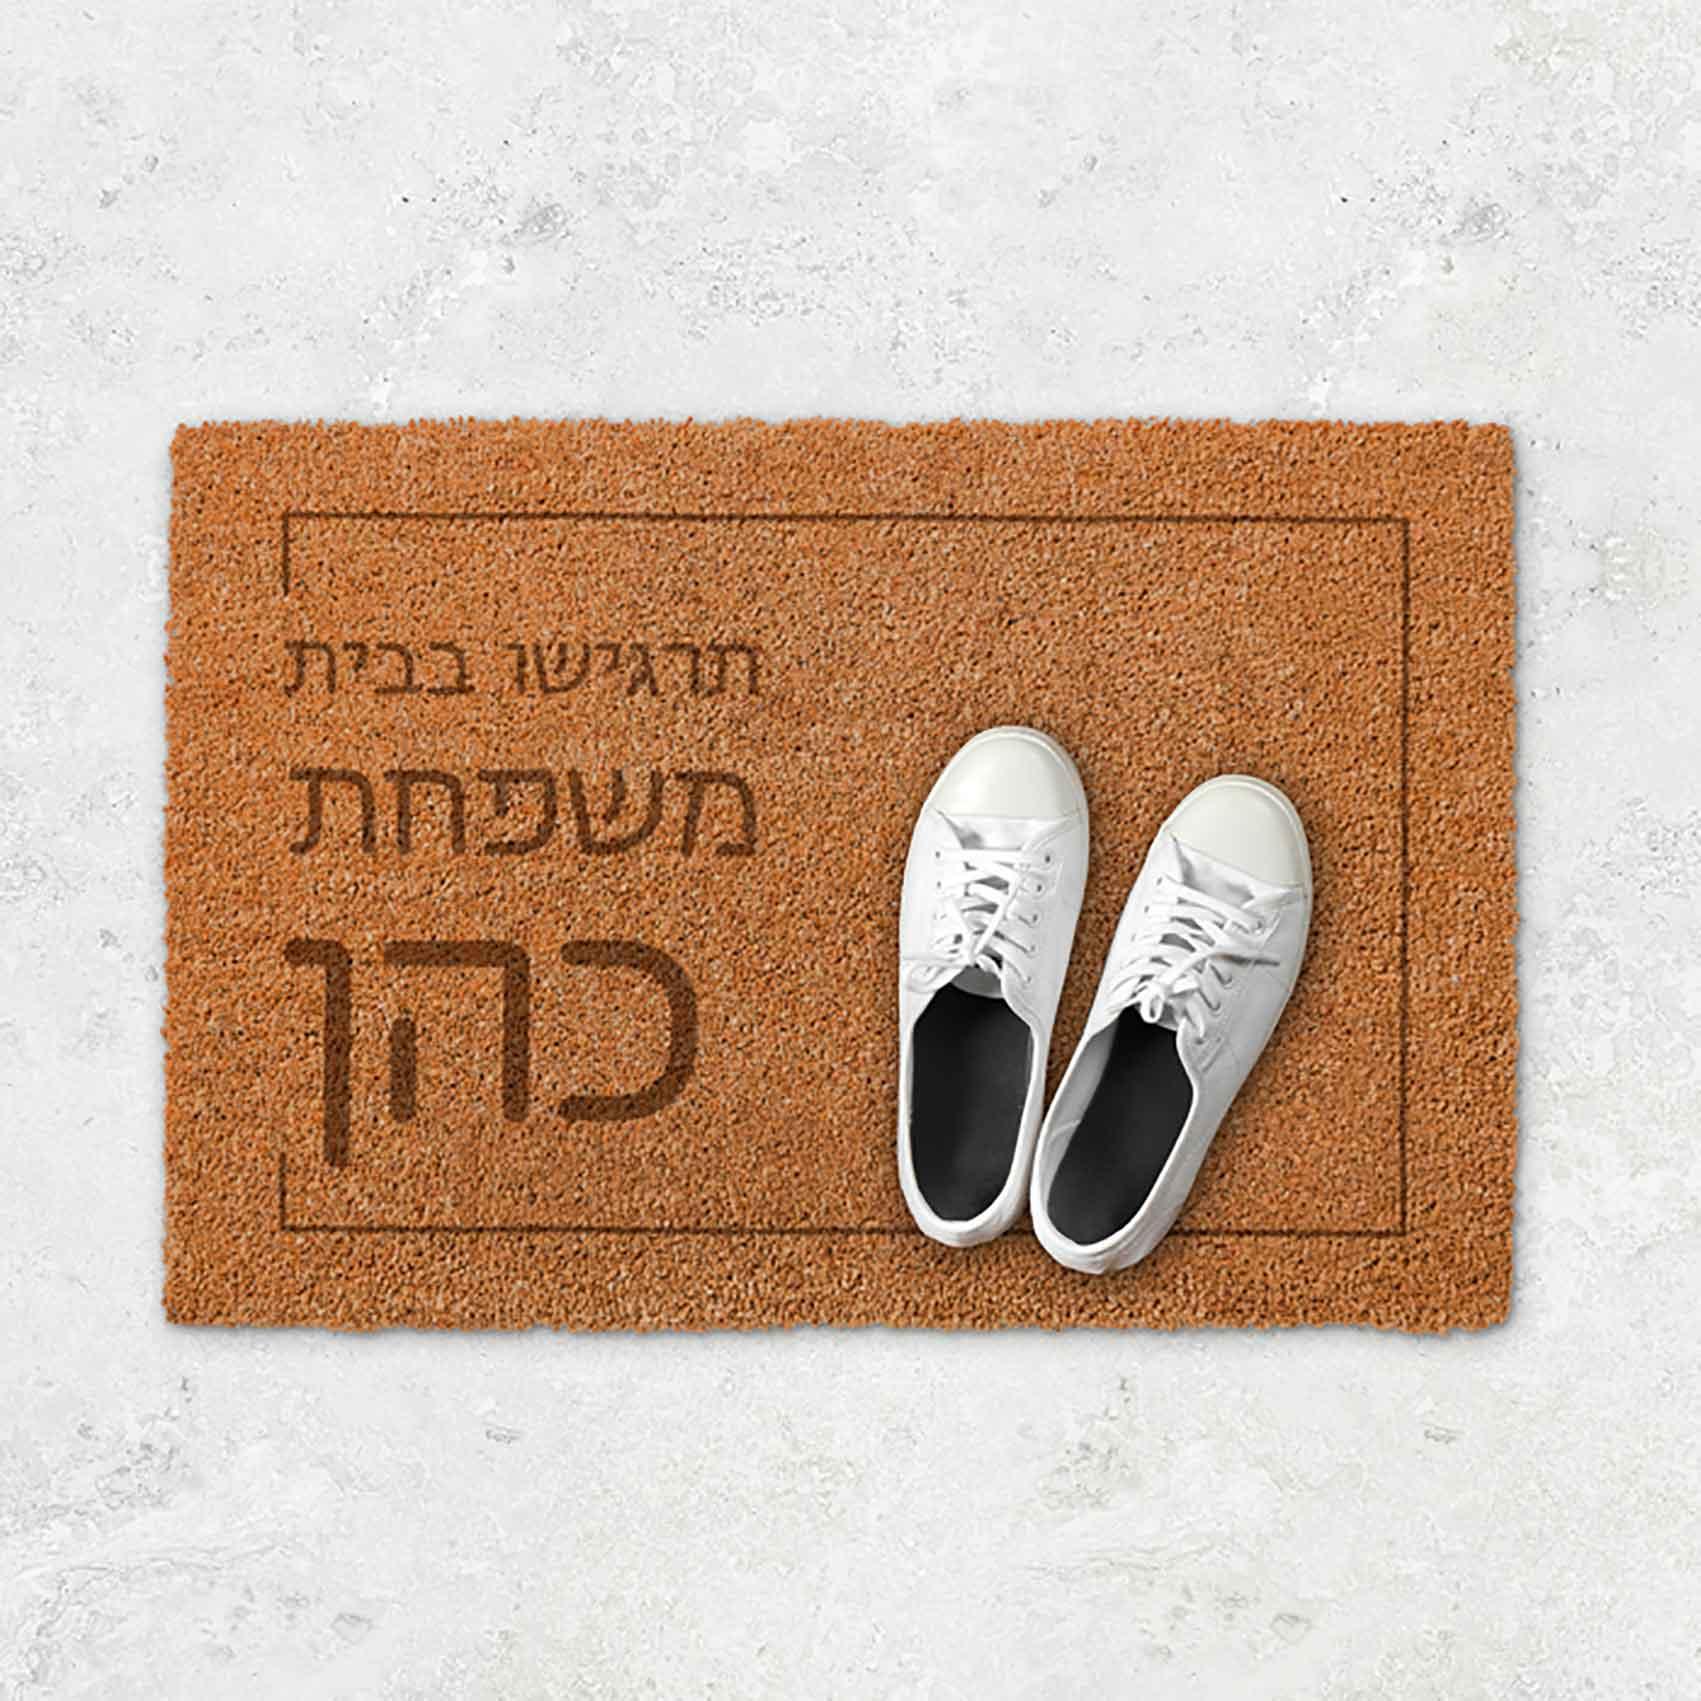 אתר אהבה קטנה שטיח סף עם טאצ אישי המחיר 149 שקל. צילום: יח״צ